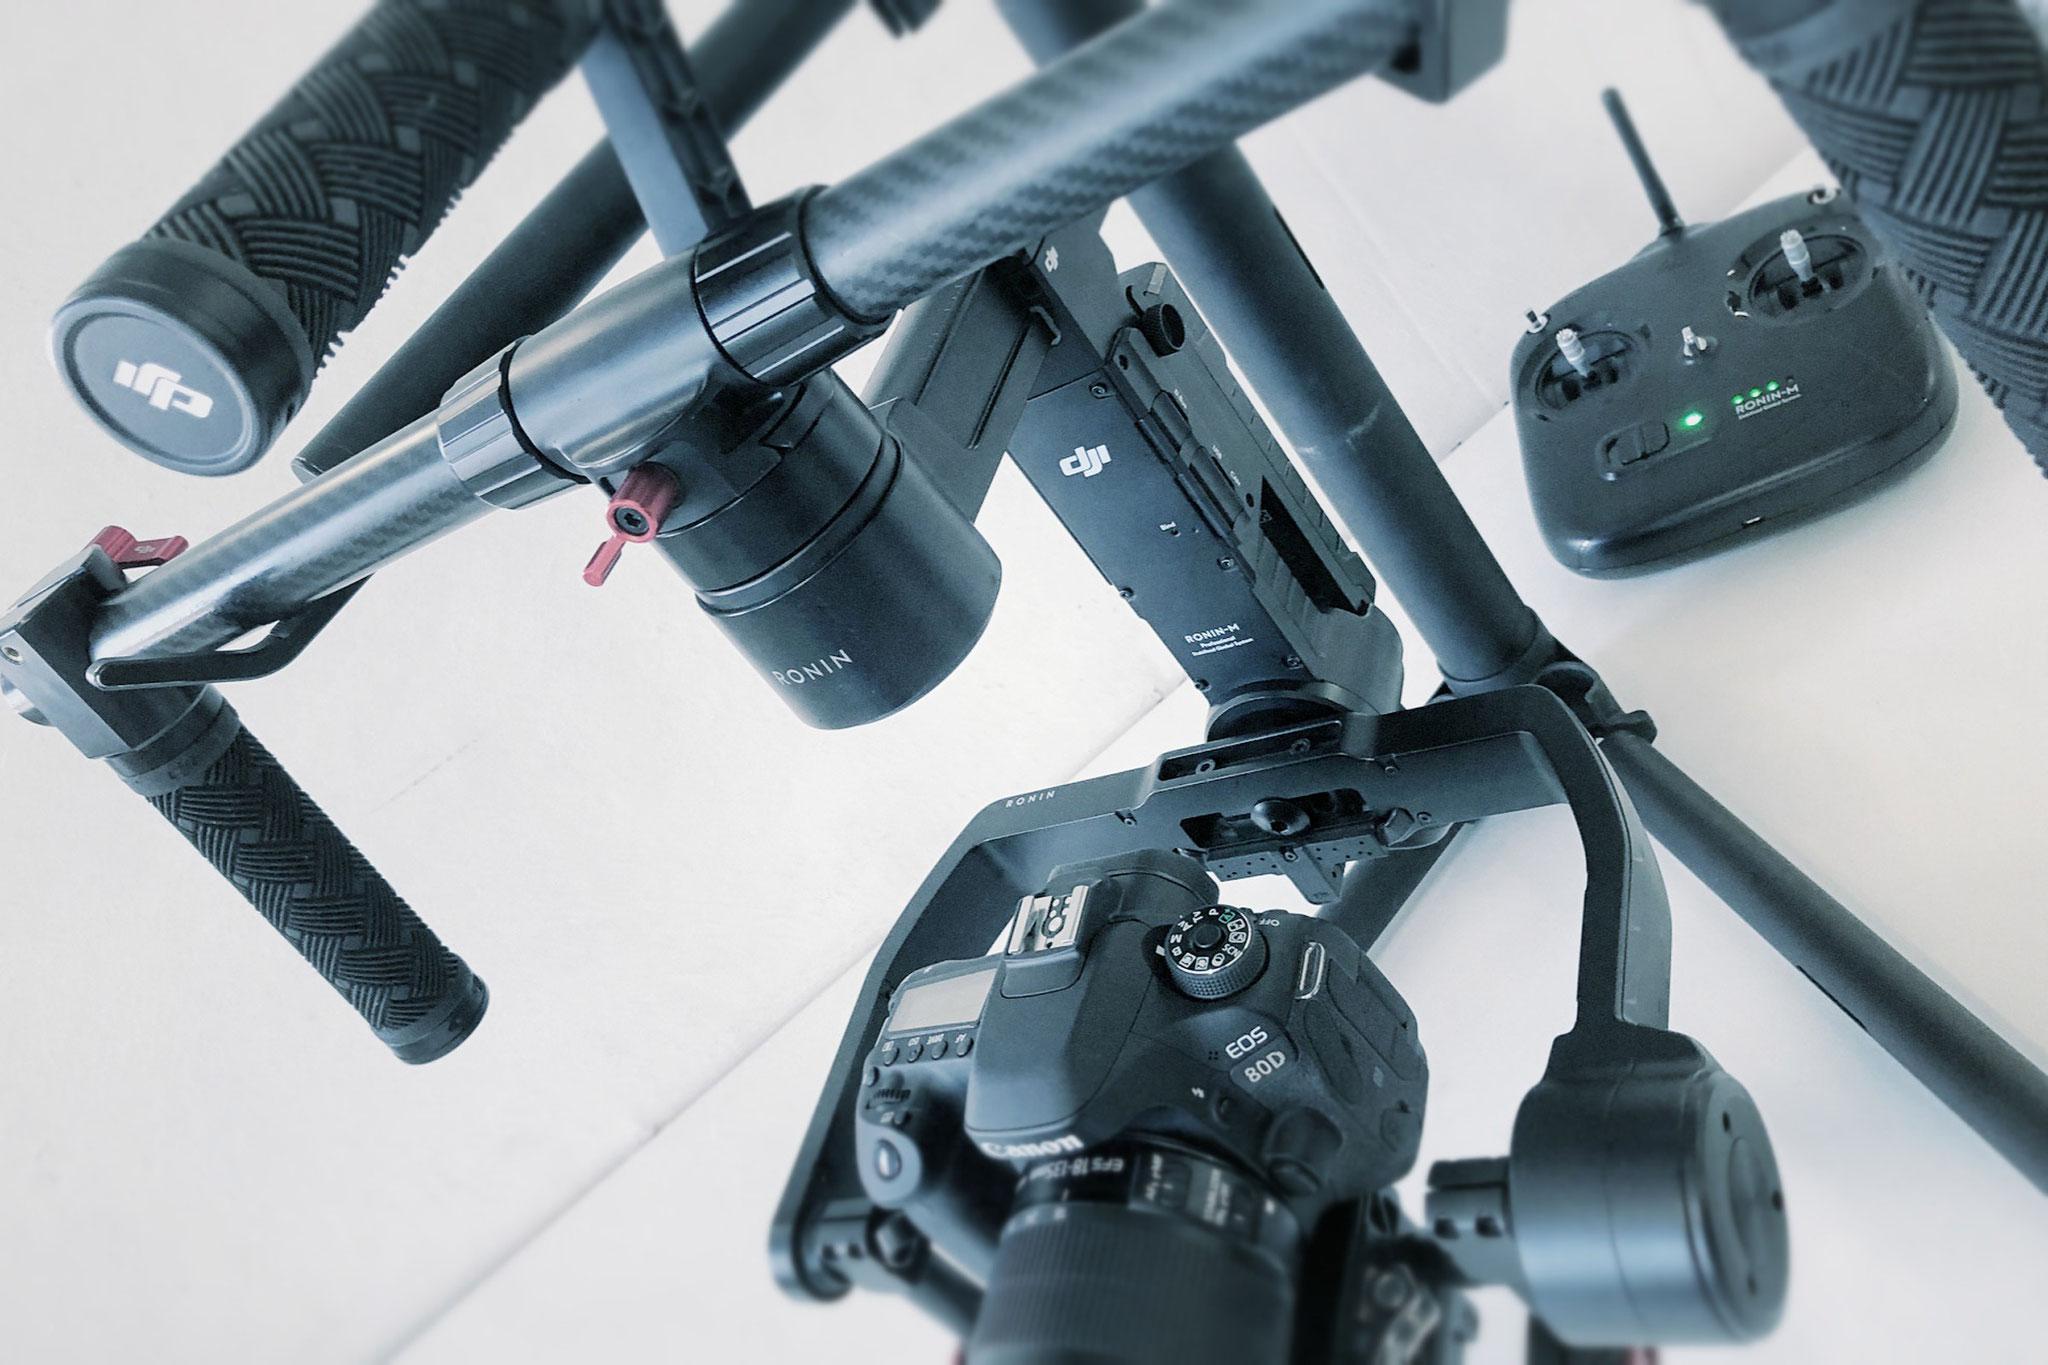 Studio-Seikel / Video - und Filmproduktion / Erlensee bei Hanau an Frankfurt